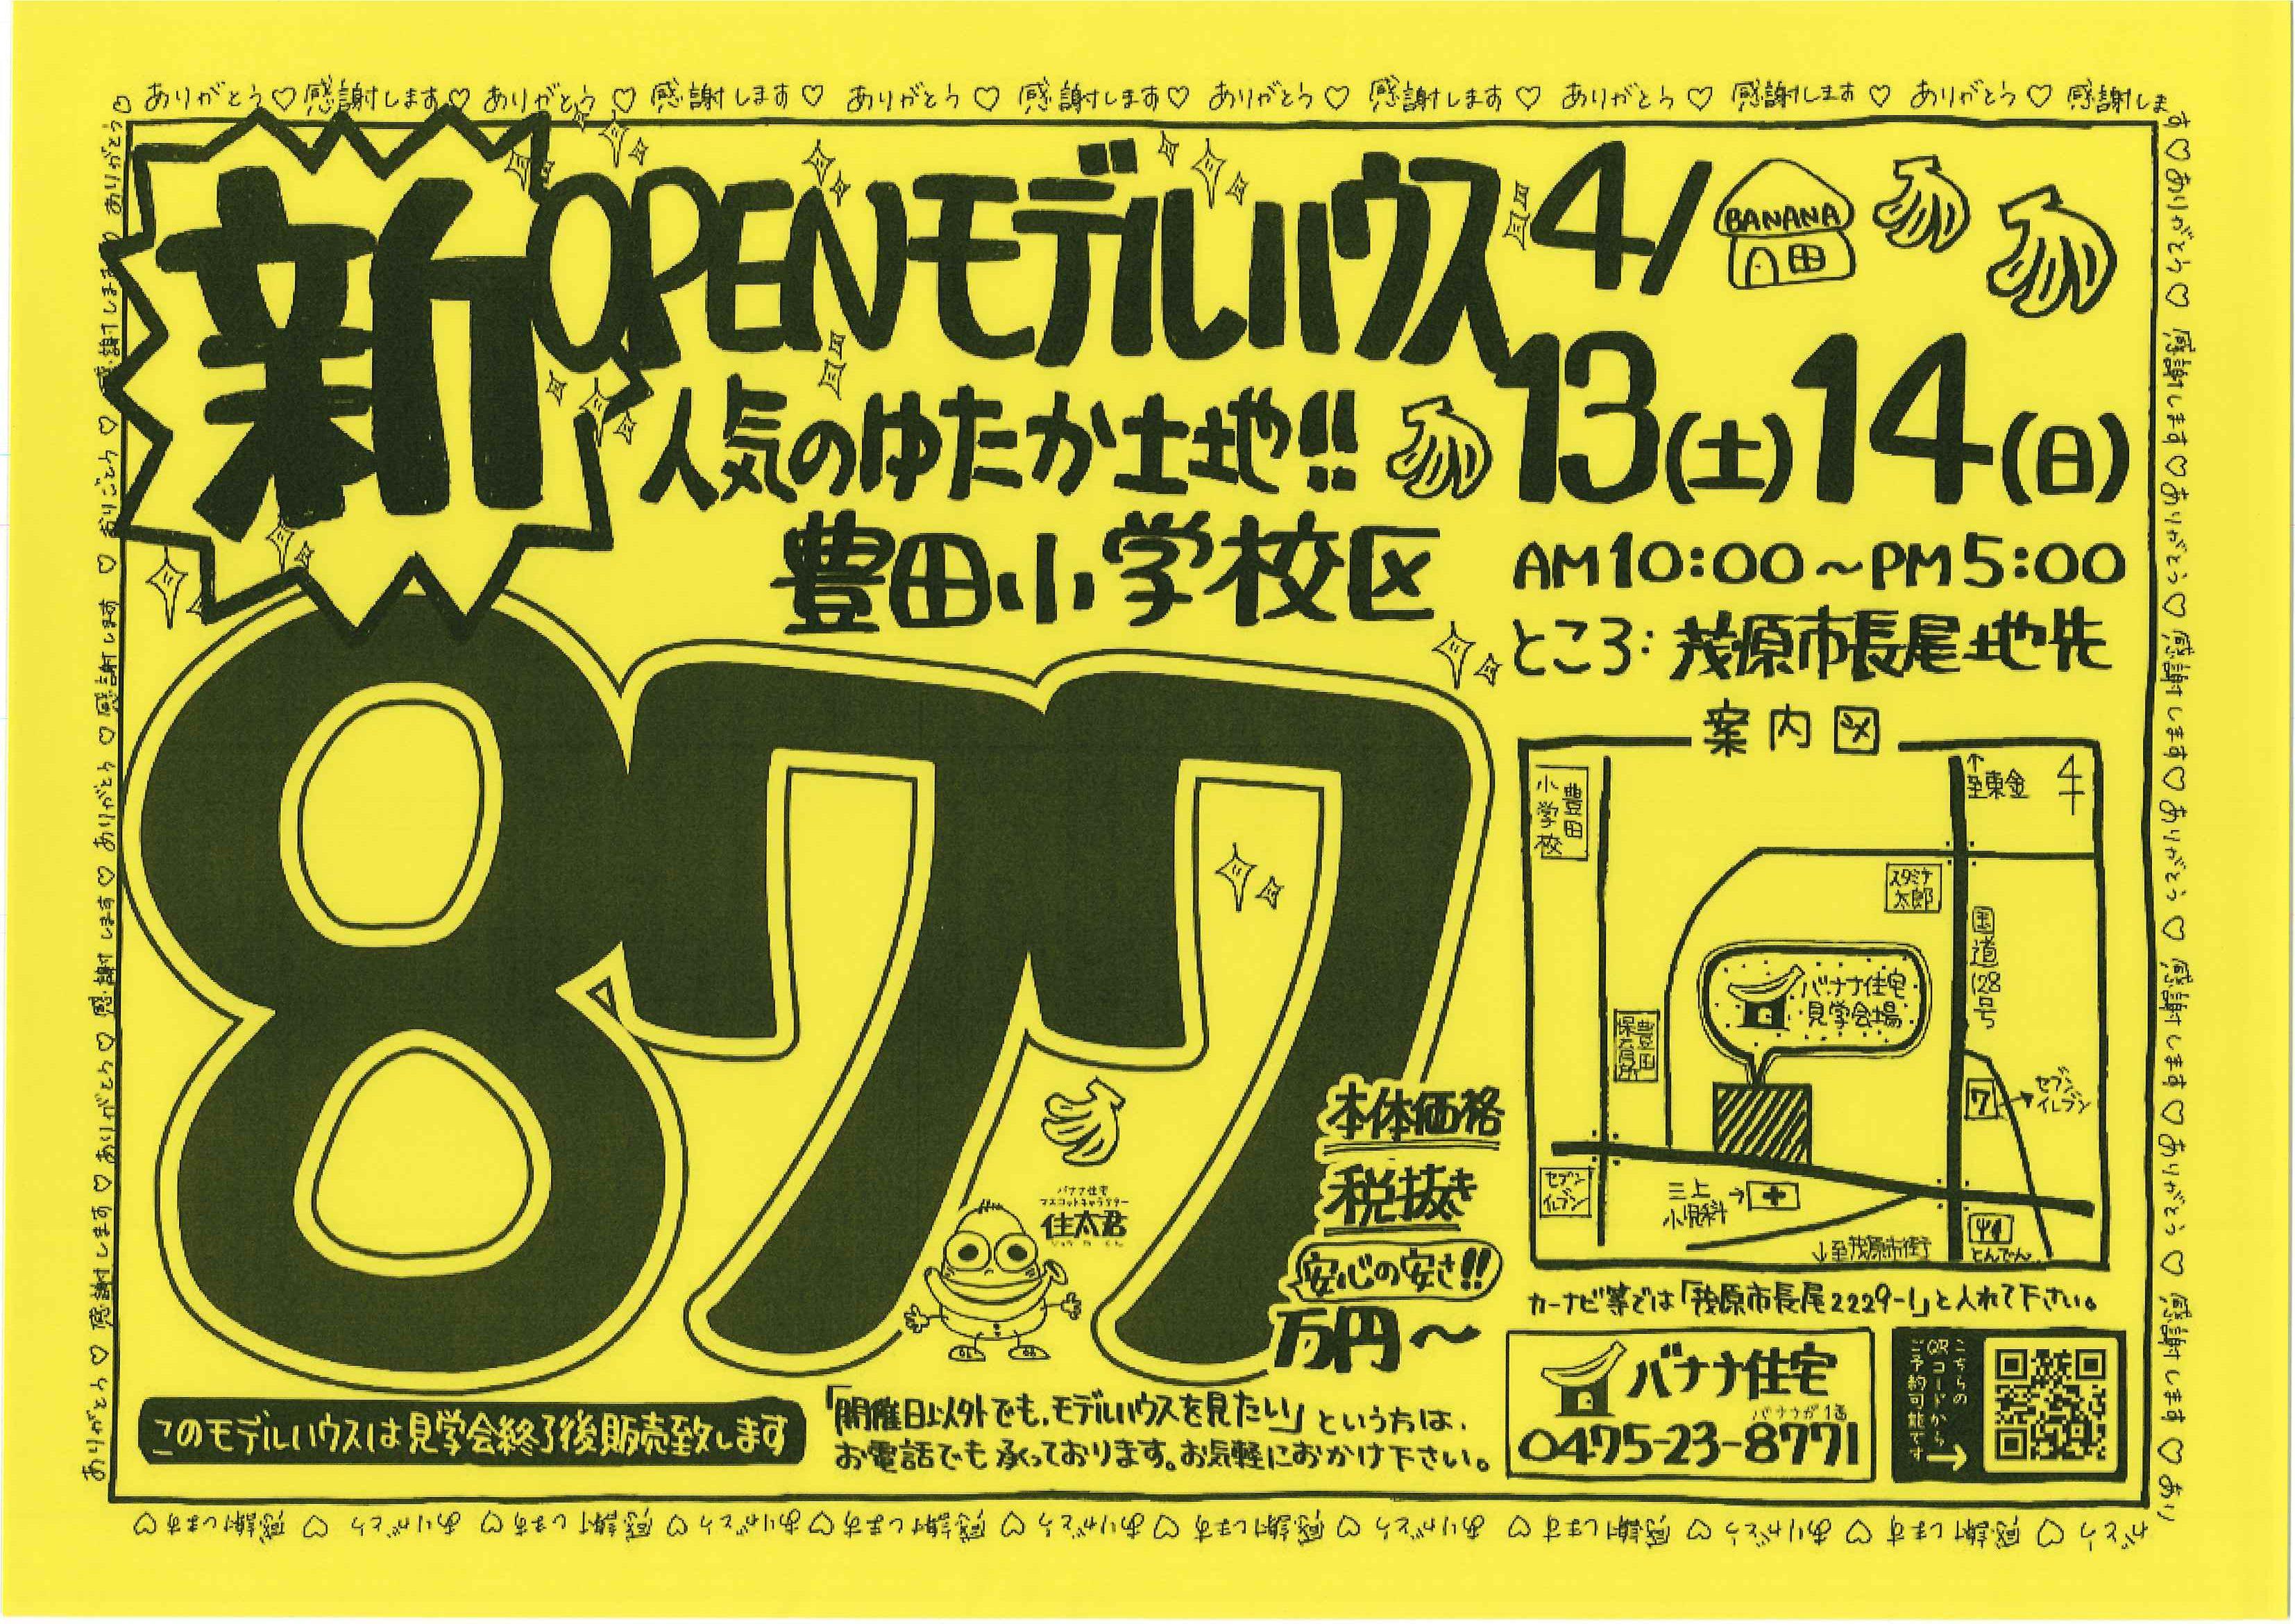 バナナ住宅モデルハウス公開!4月13日~14日